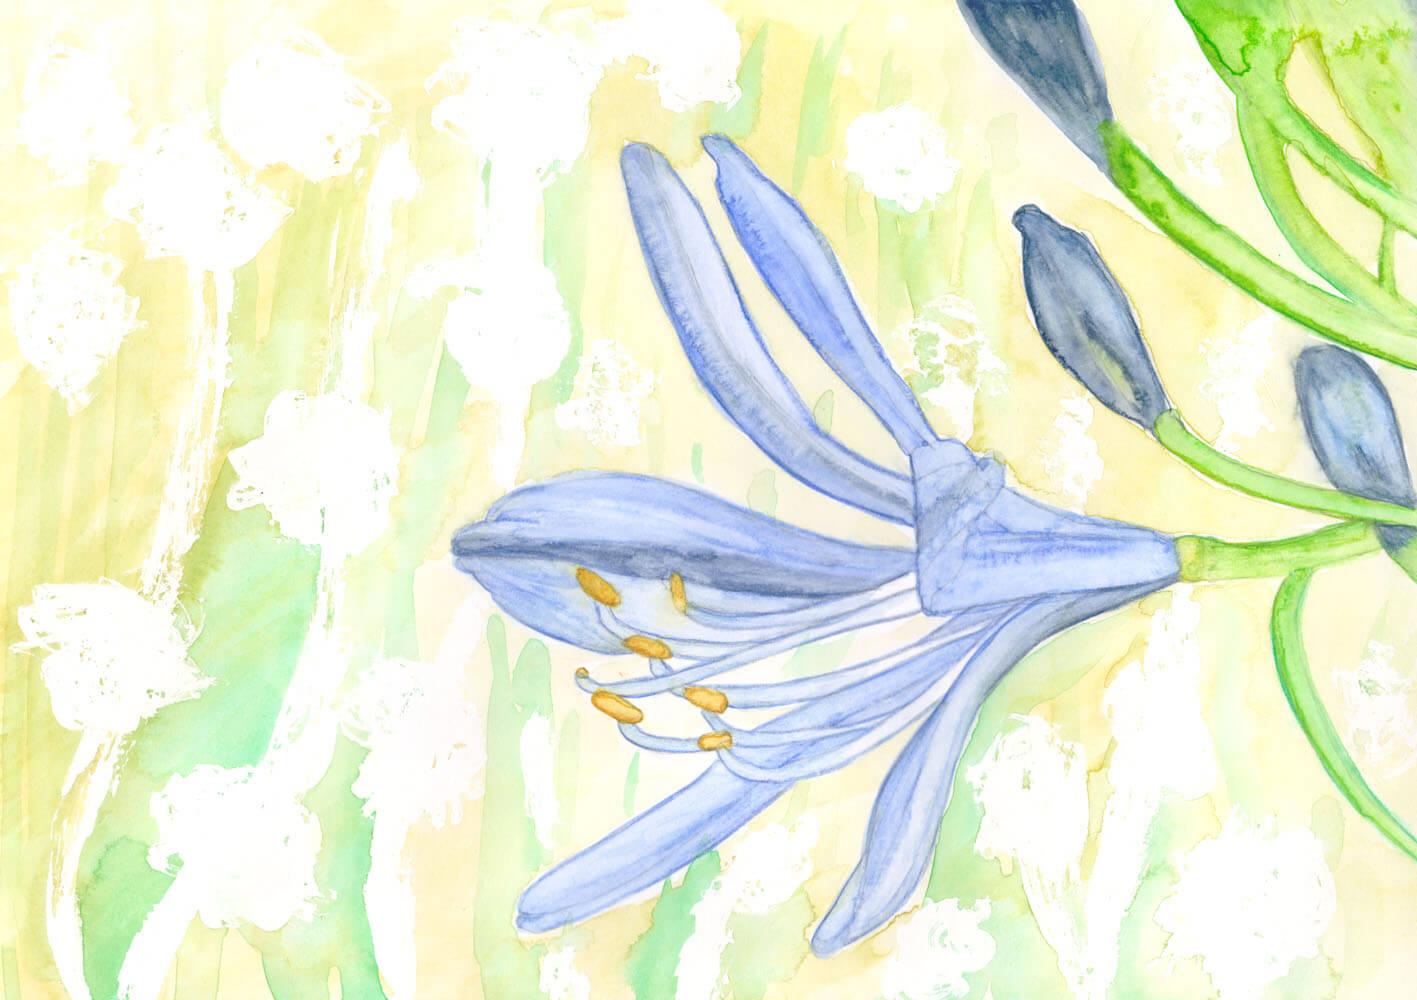 Aquarellmalerei Schmucklilie – Schritt für Schritt